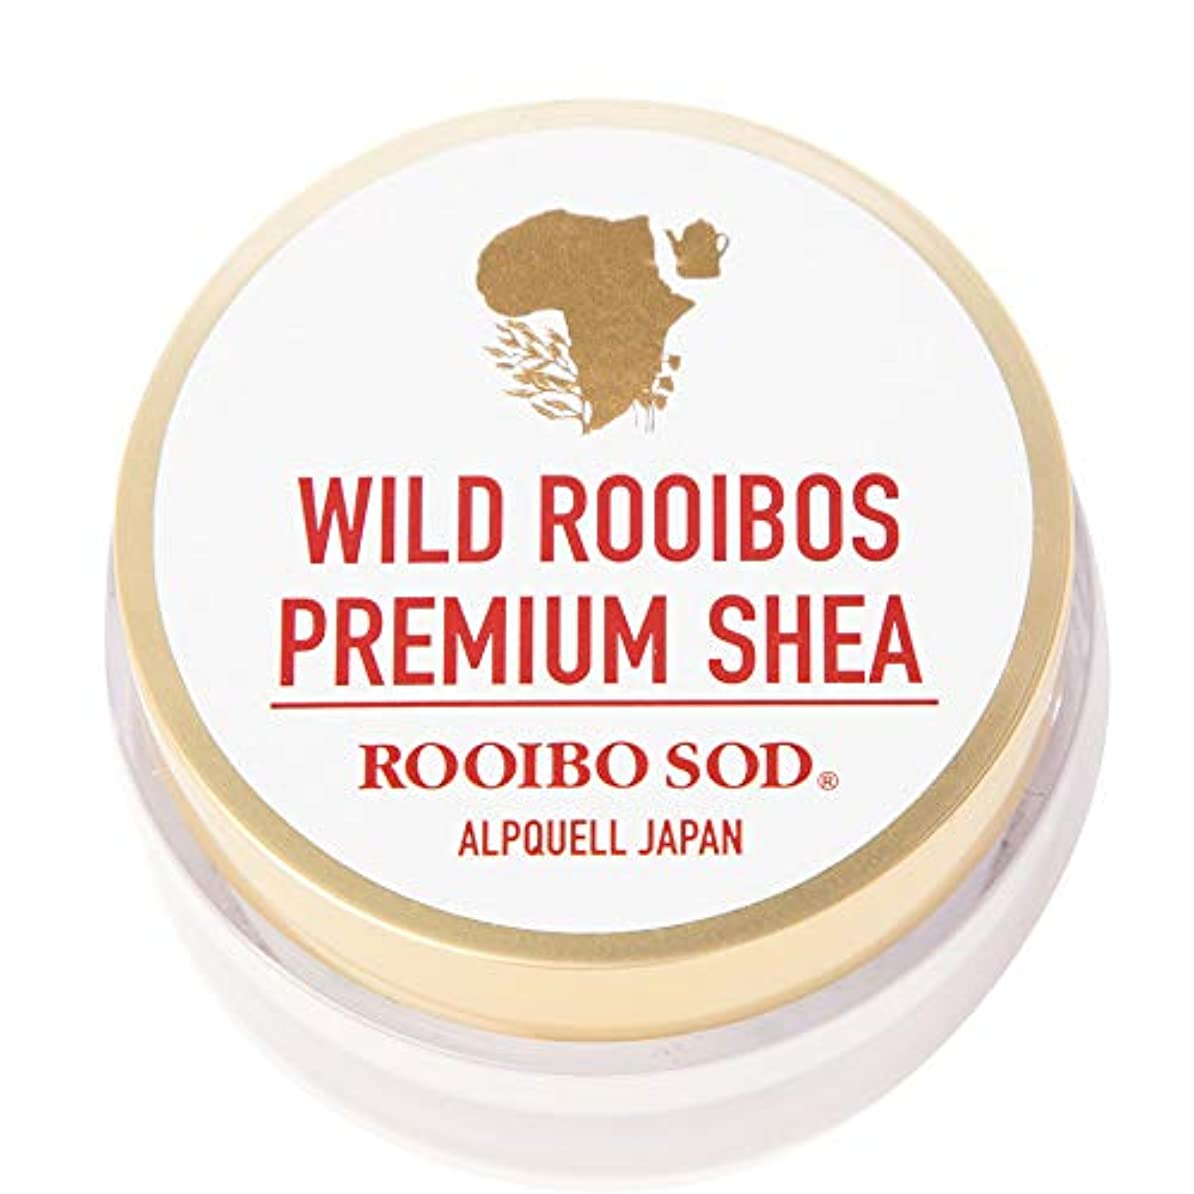 欠かせないちらつき終わったROOIBO SOD ルイボソード プレミアムシアクリーム シア脂 ルイボスエキス配合 無添加、天然成分100%